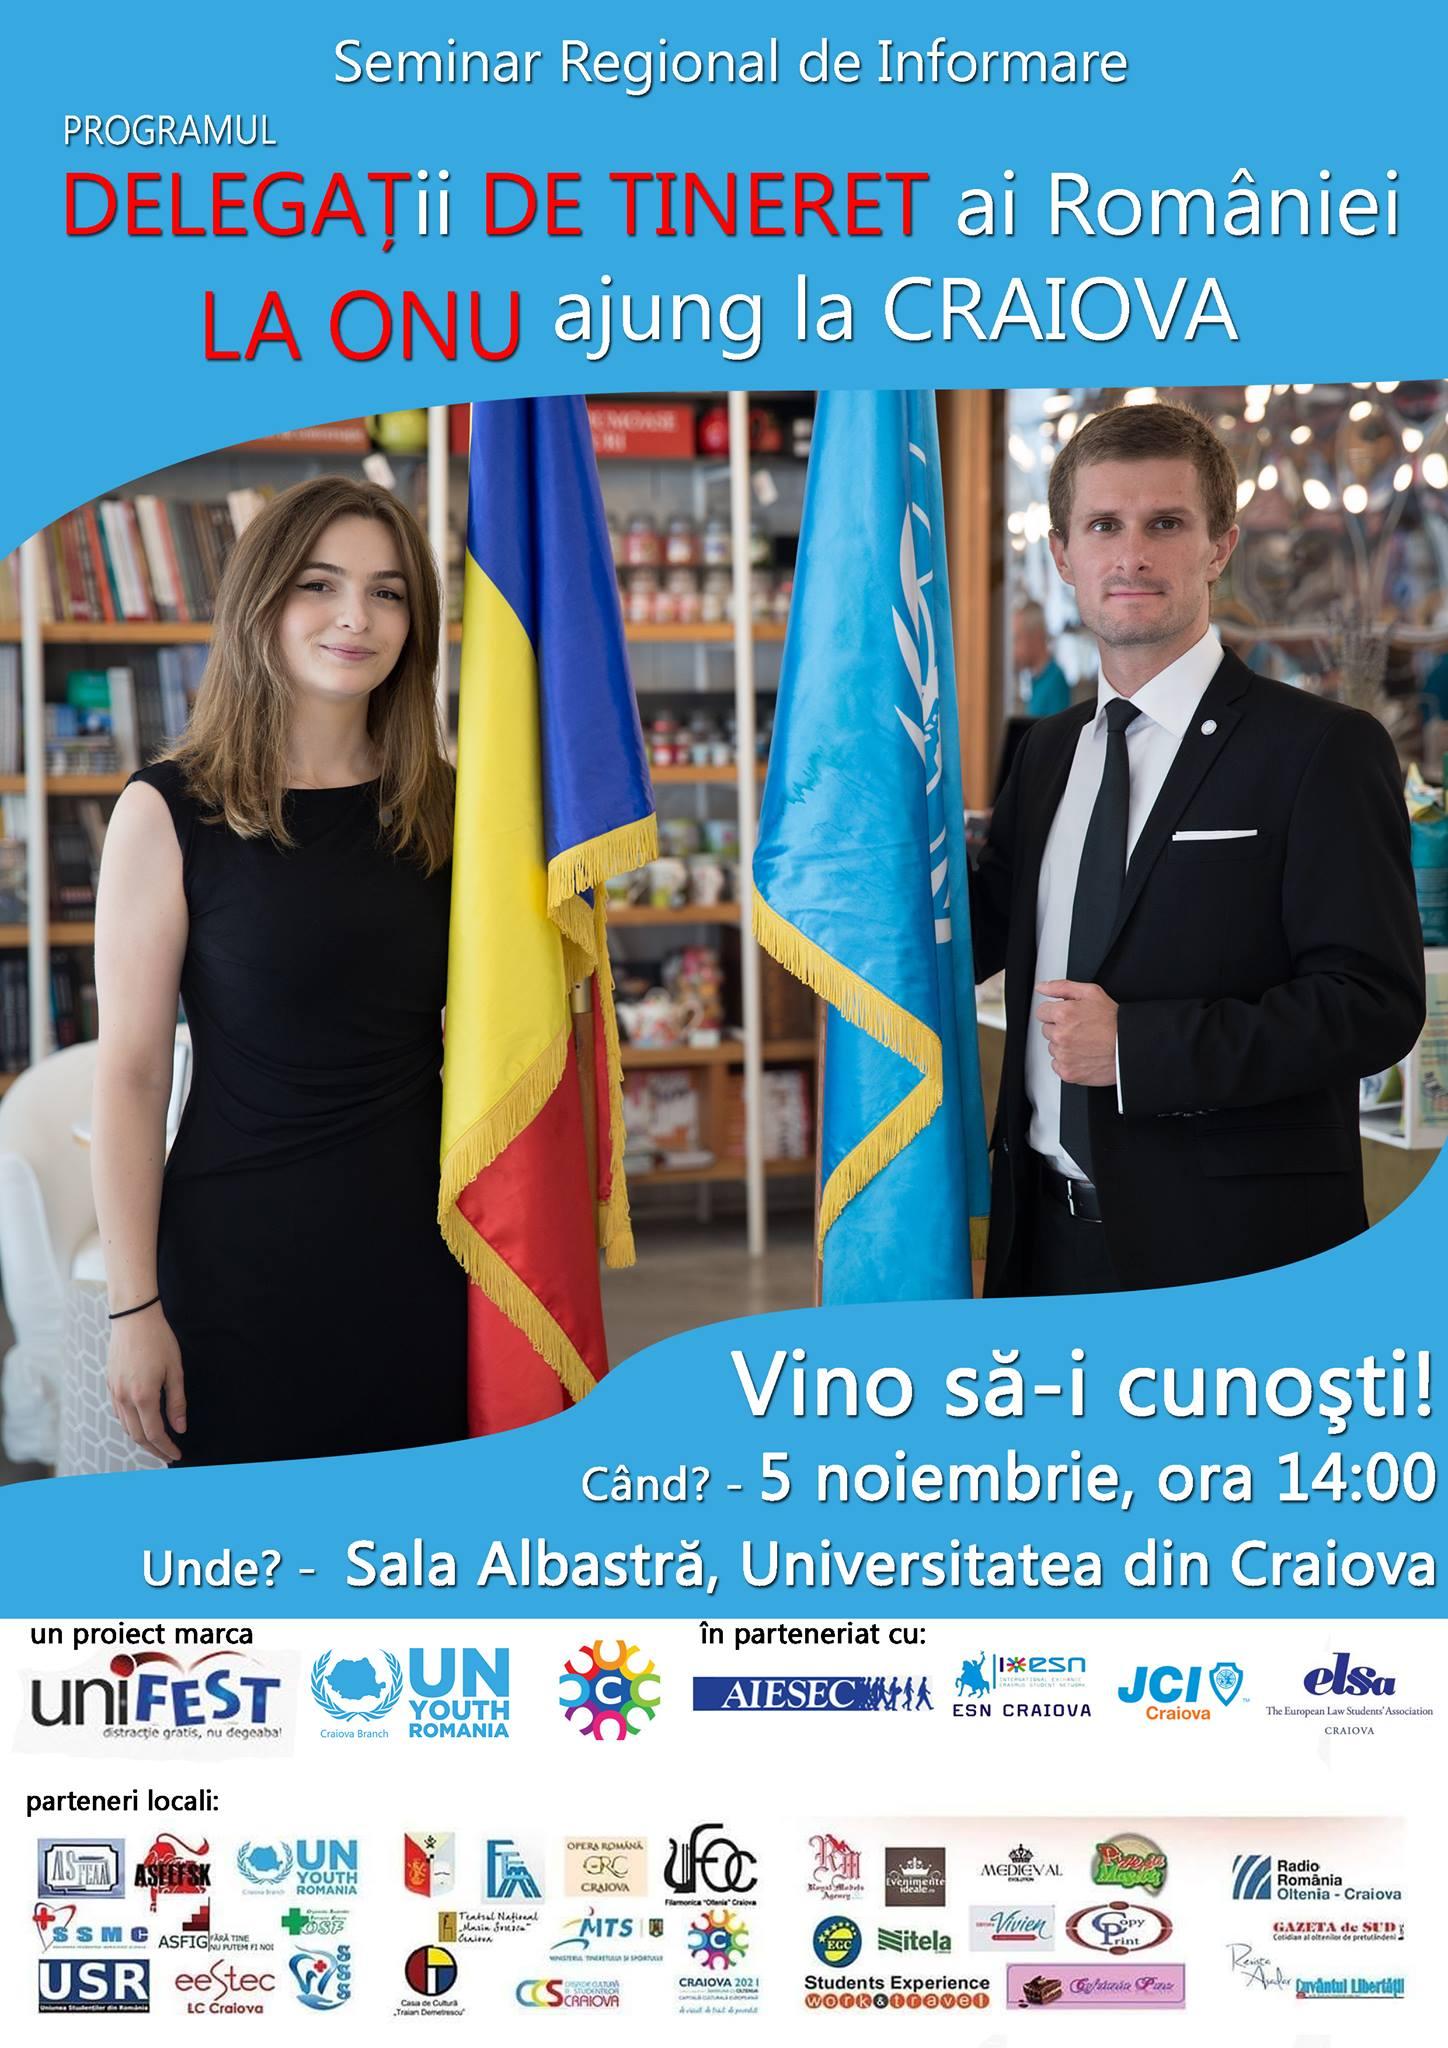 """AIESEC Craiova va fi prezentă la seminarul """"Delegat de Tineret al României la Națiunile Unite"""""""